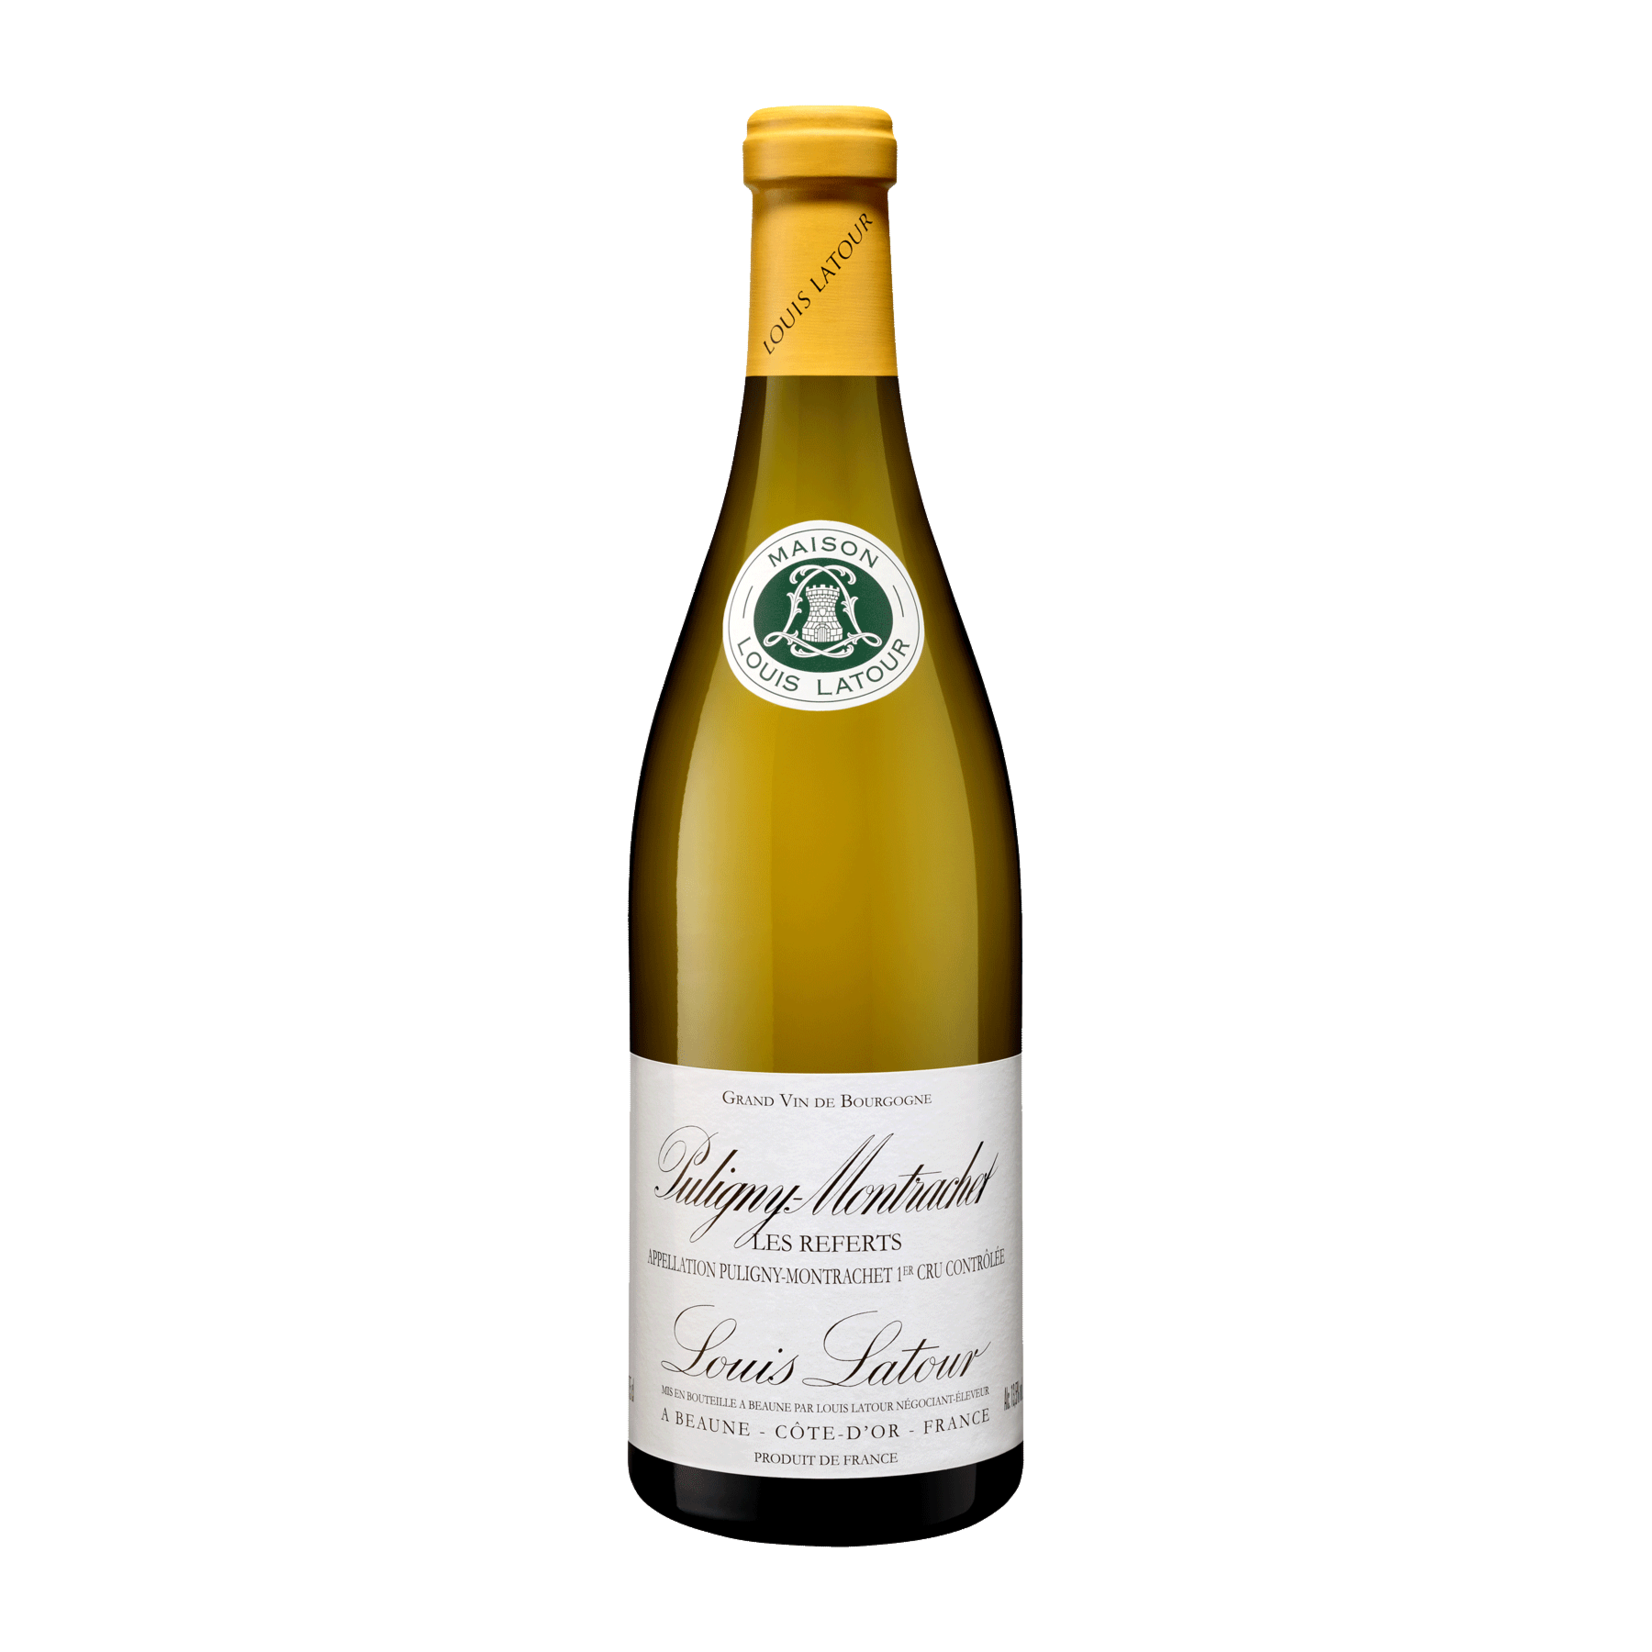 Wine Louis Latour Puligny Montrachet Premier Cru Les Referts 2018